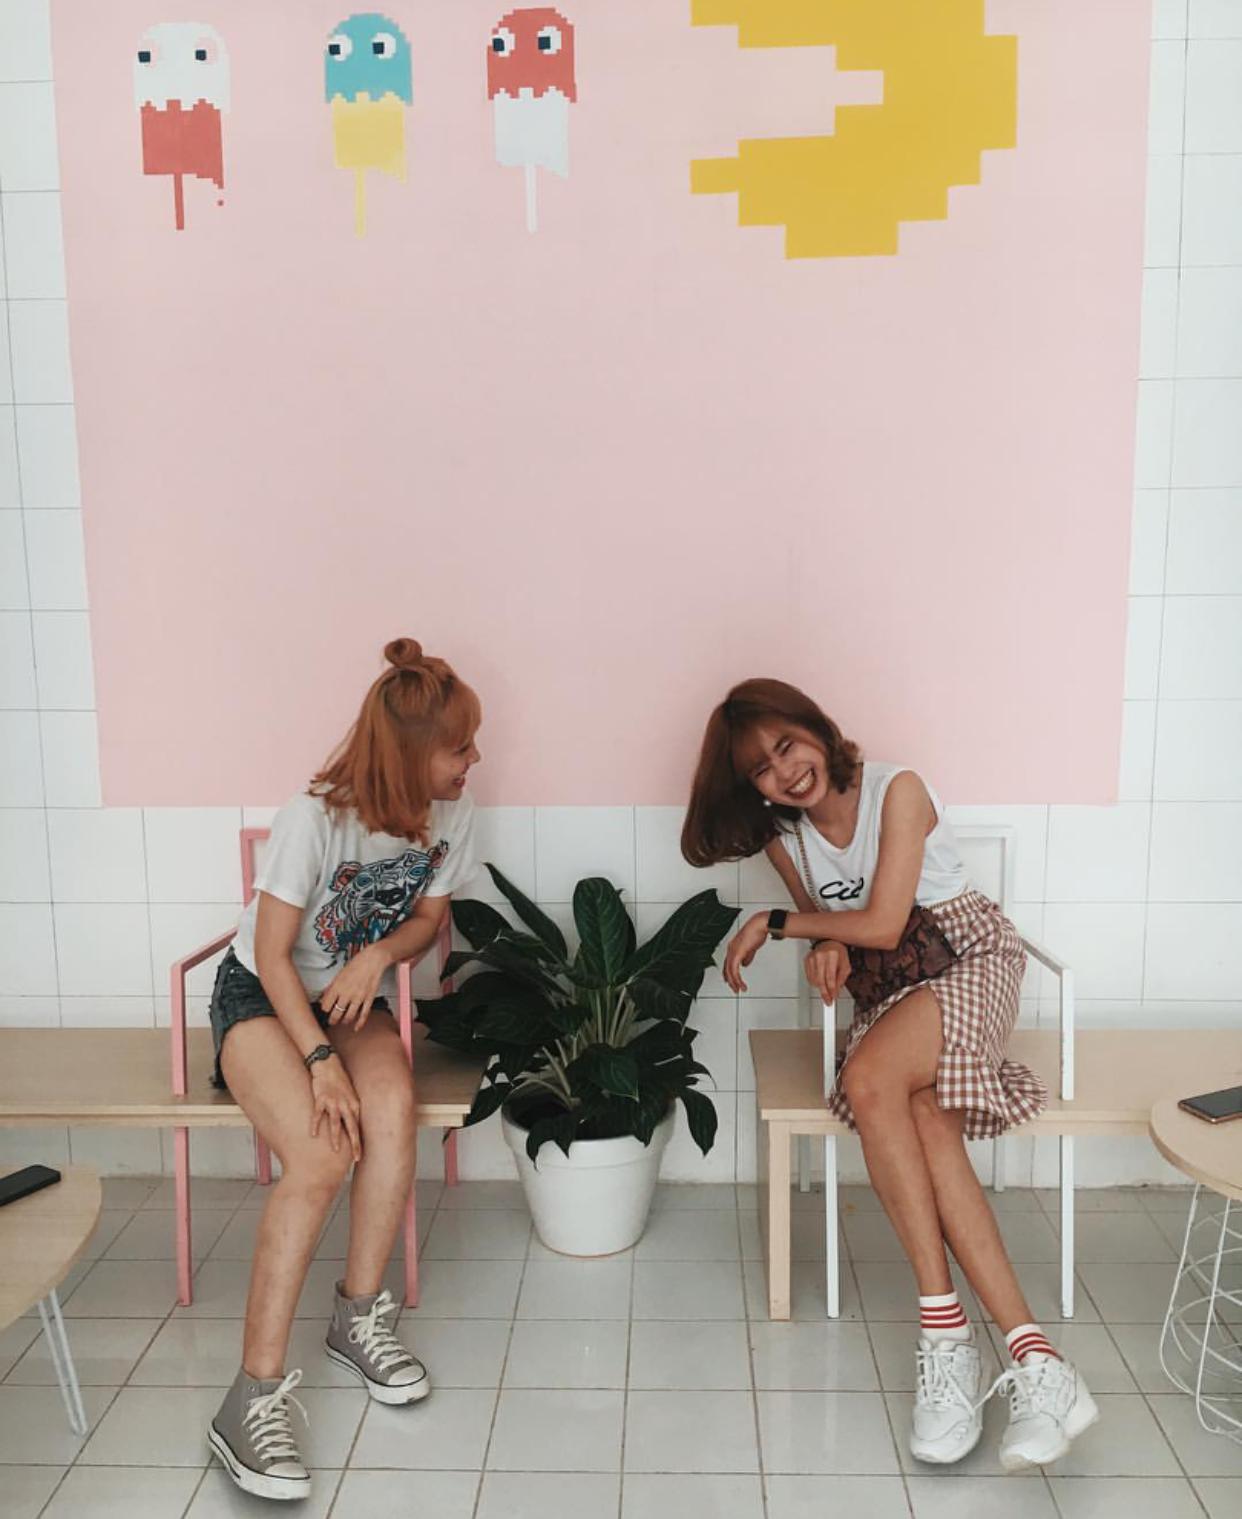 Giới trẻ Sài Gòn đang thi nhau check-in ở hai quán cực xinh này! - Ảnh 11.